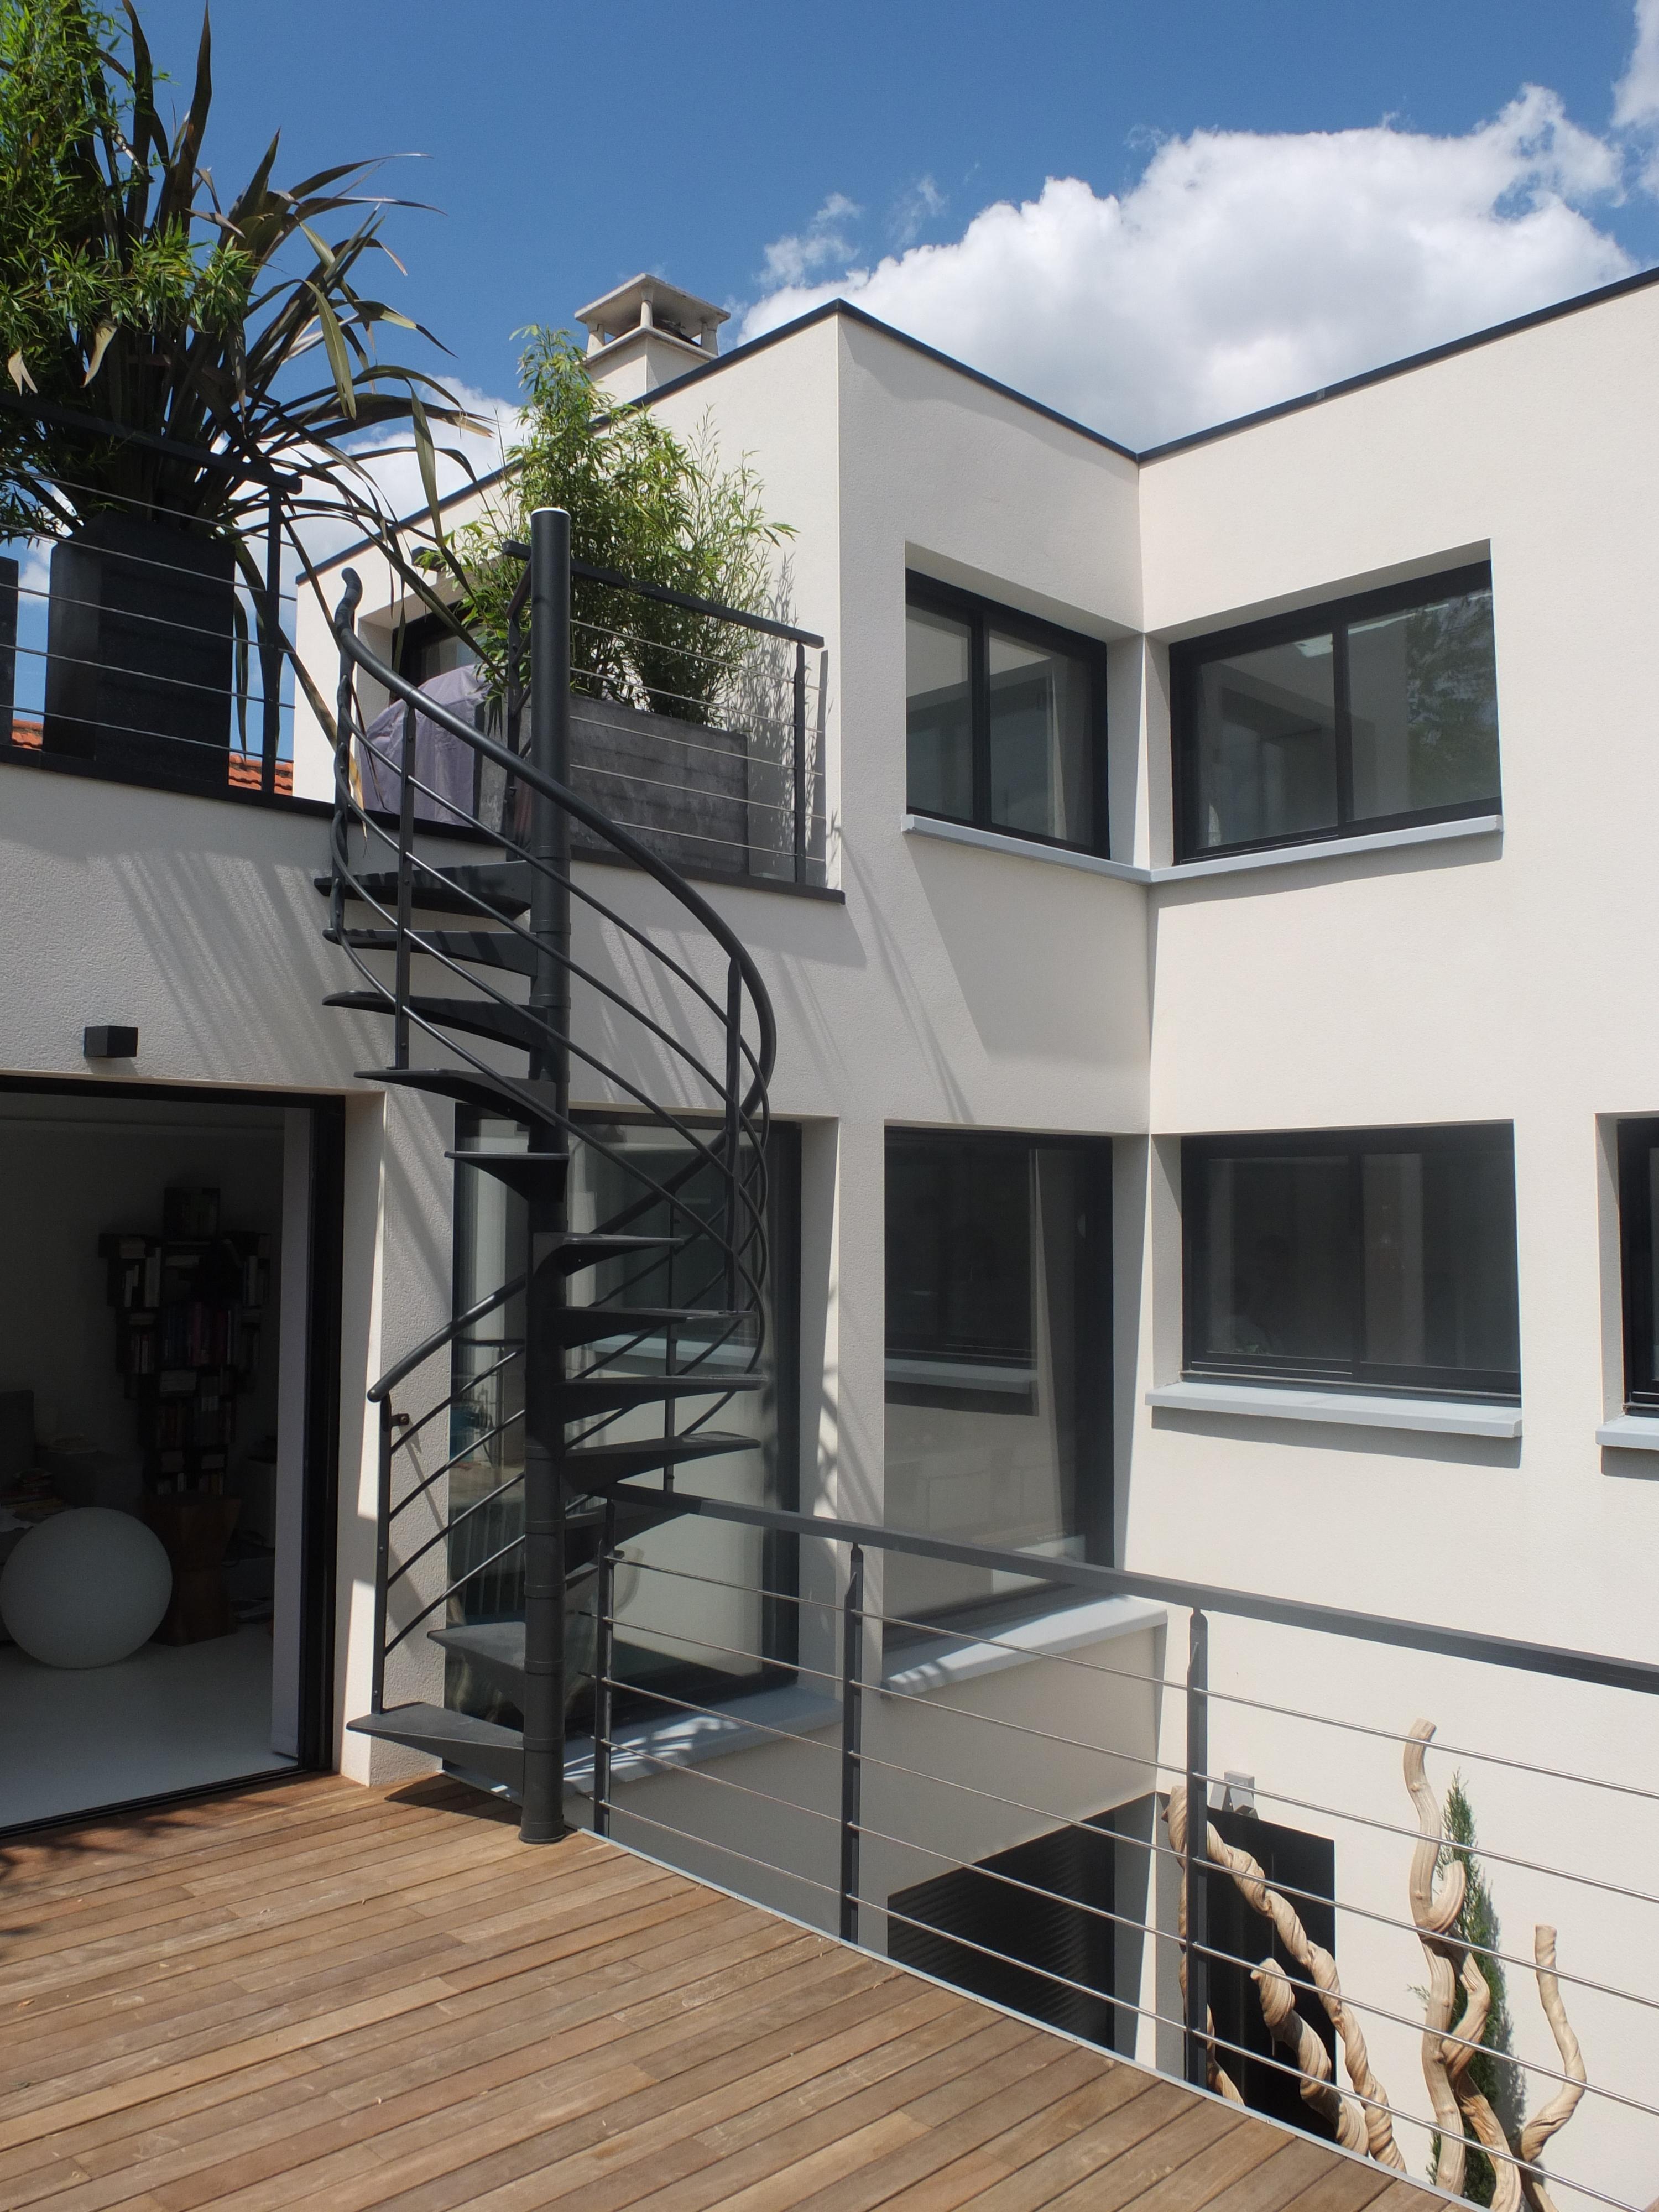 Zoomfactor architectes programme dune maison surface shon for Cout construction maison architecte